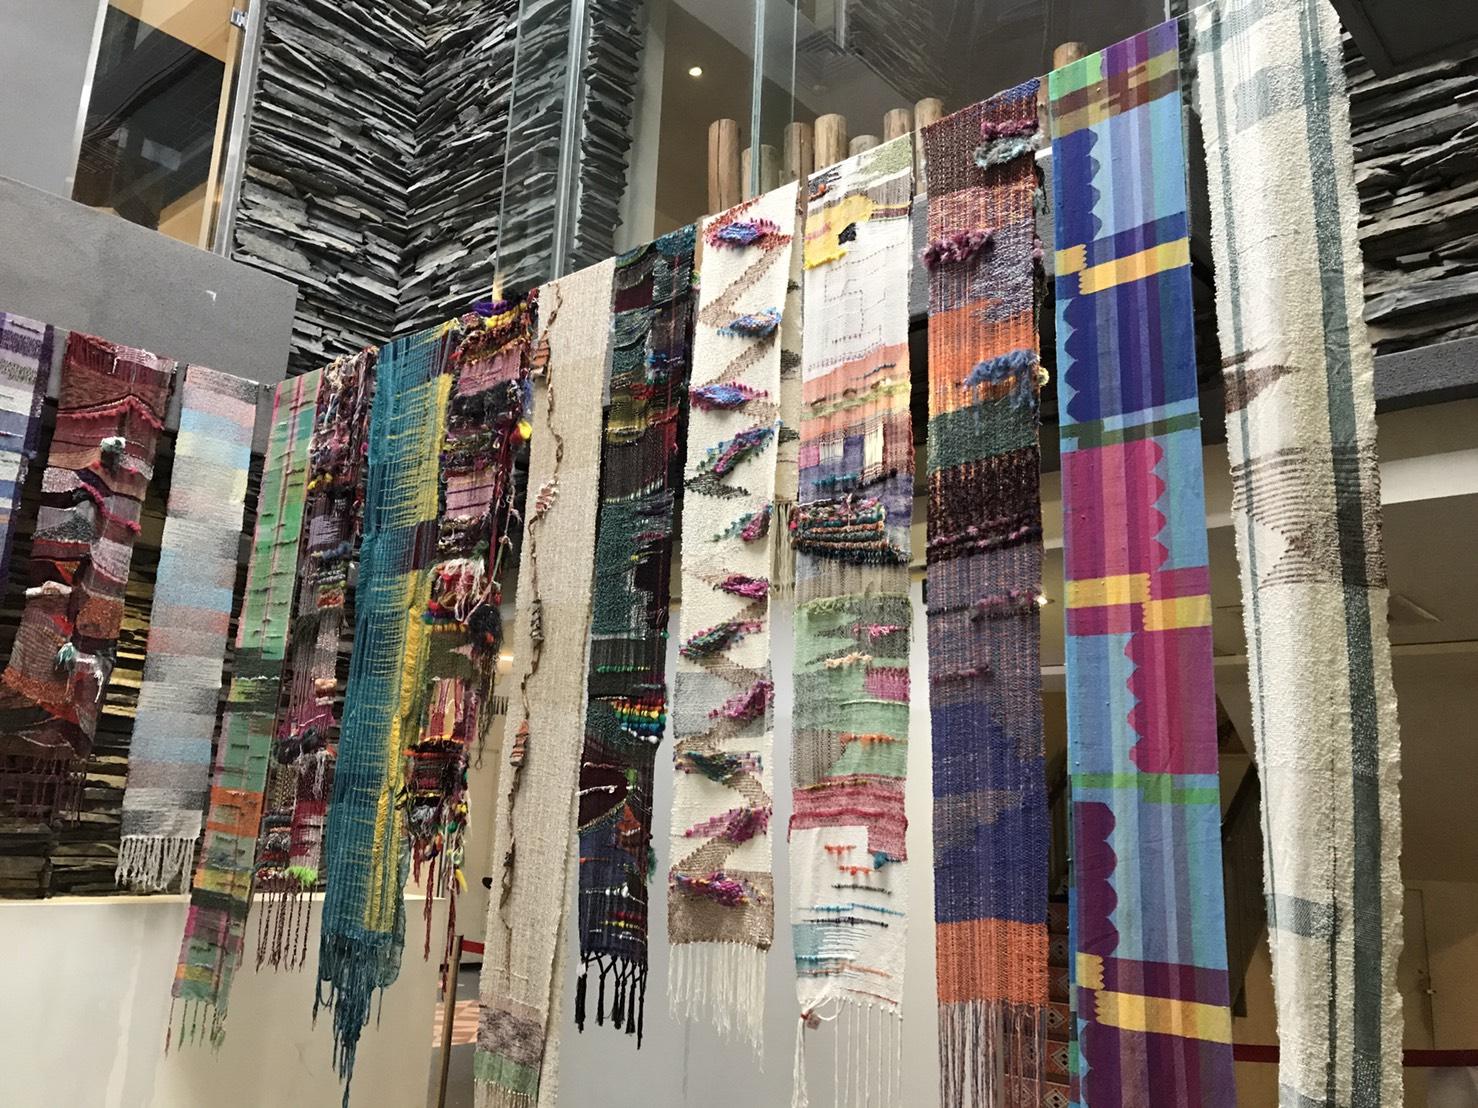 【烏來泰雅民族博物館】少了妳(SAORI)‧編織布玩的故事-雙人聯展